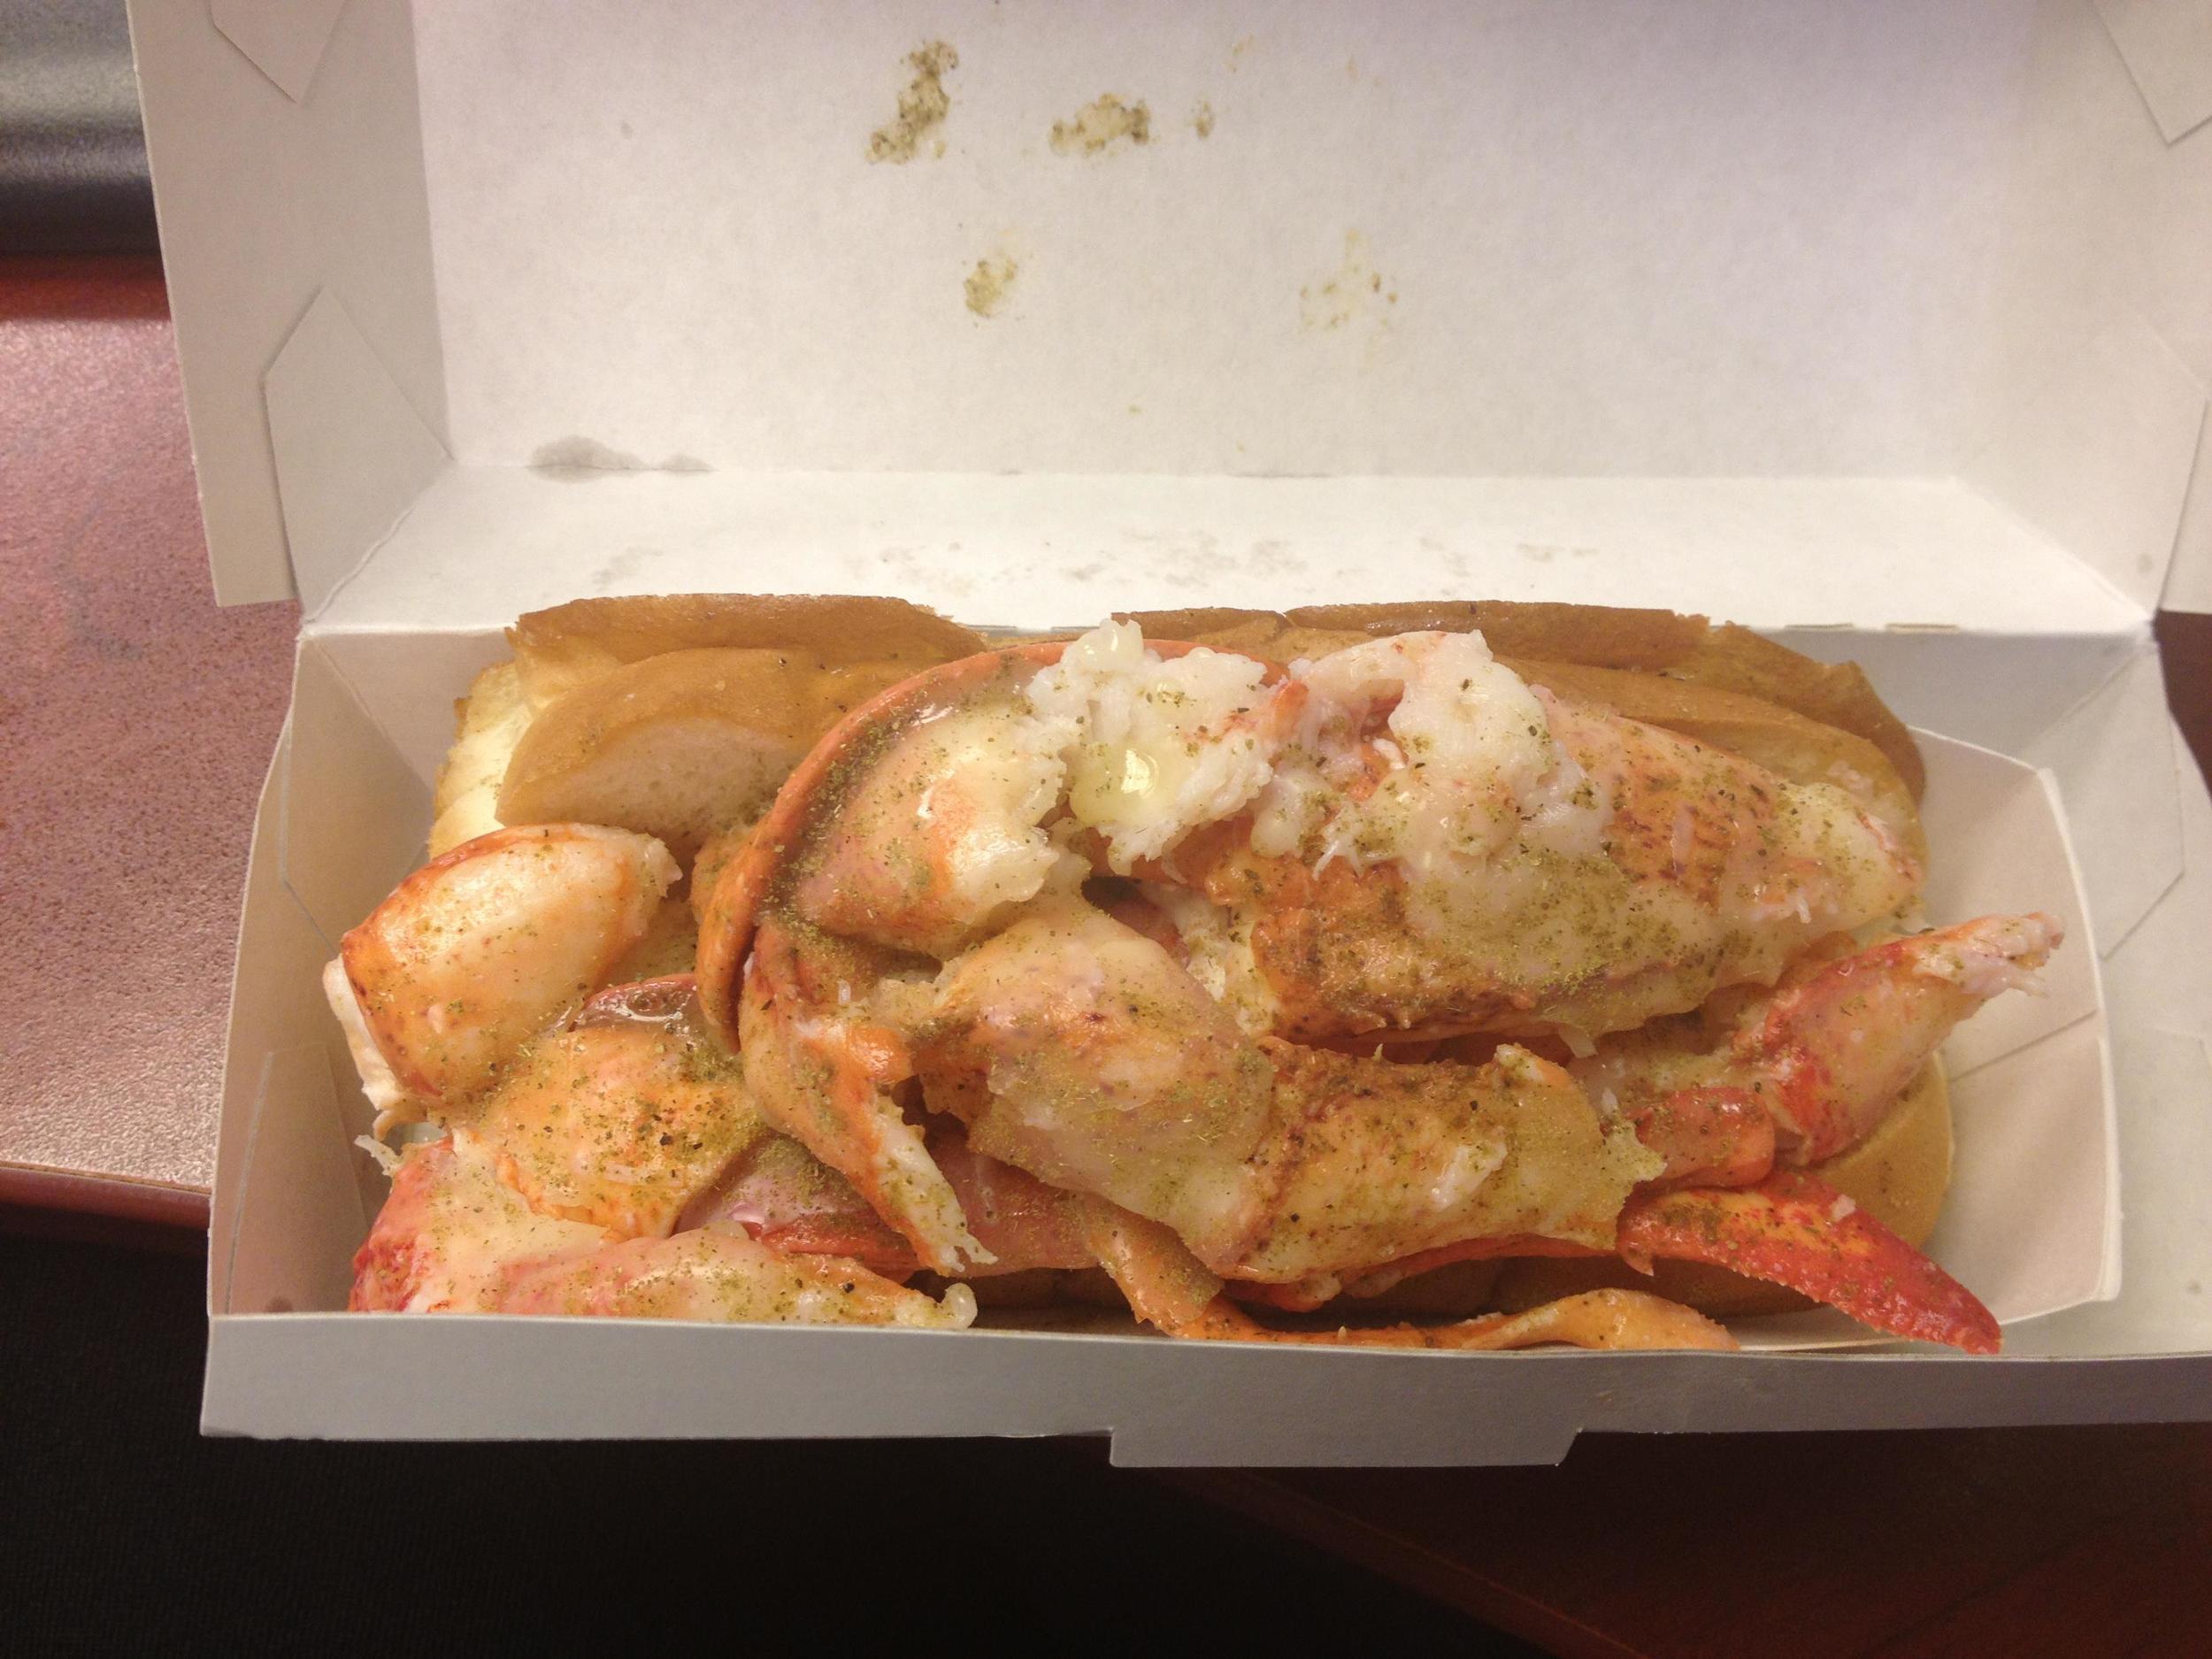 Lobster Roll from Luke's